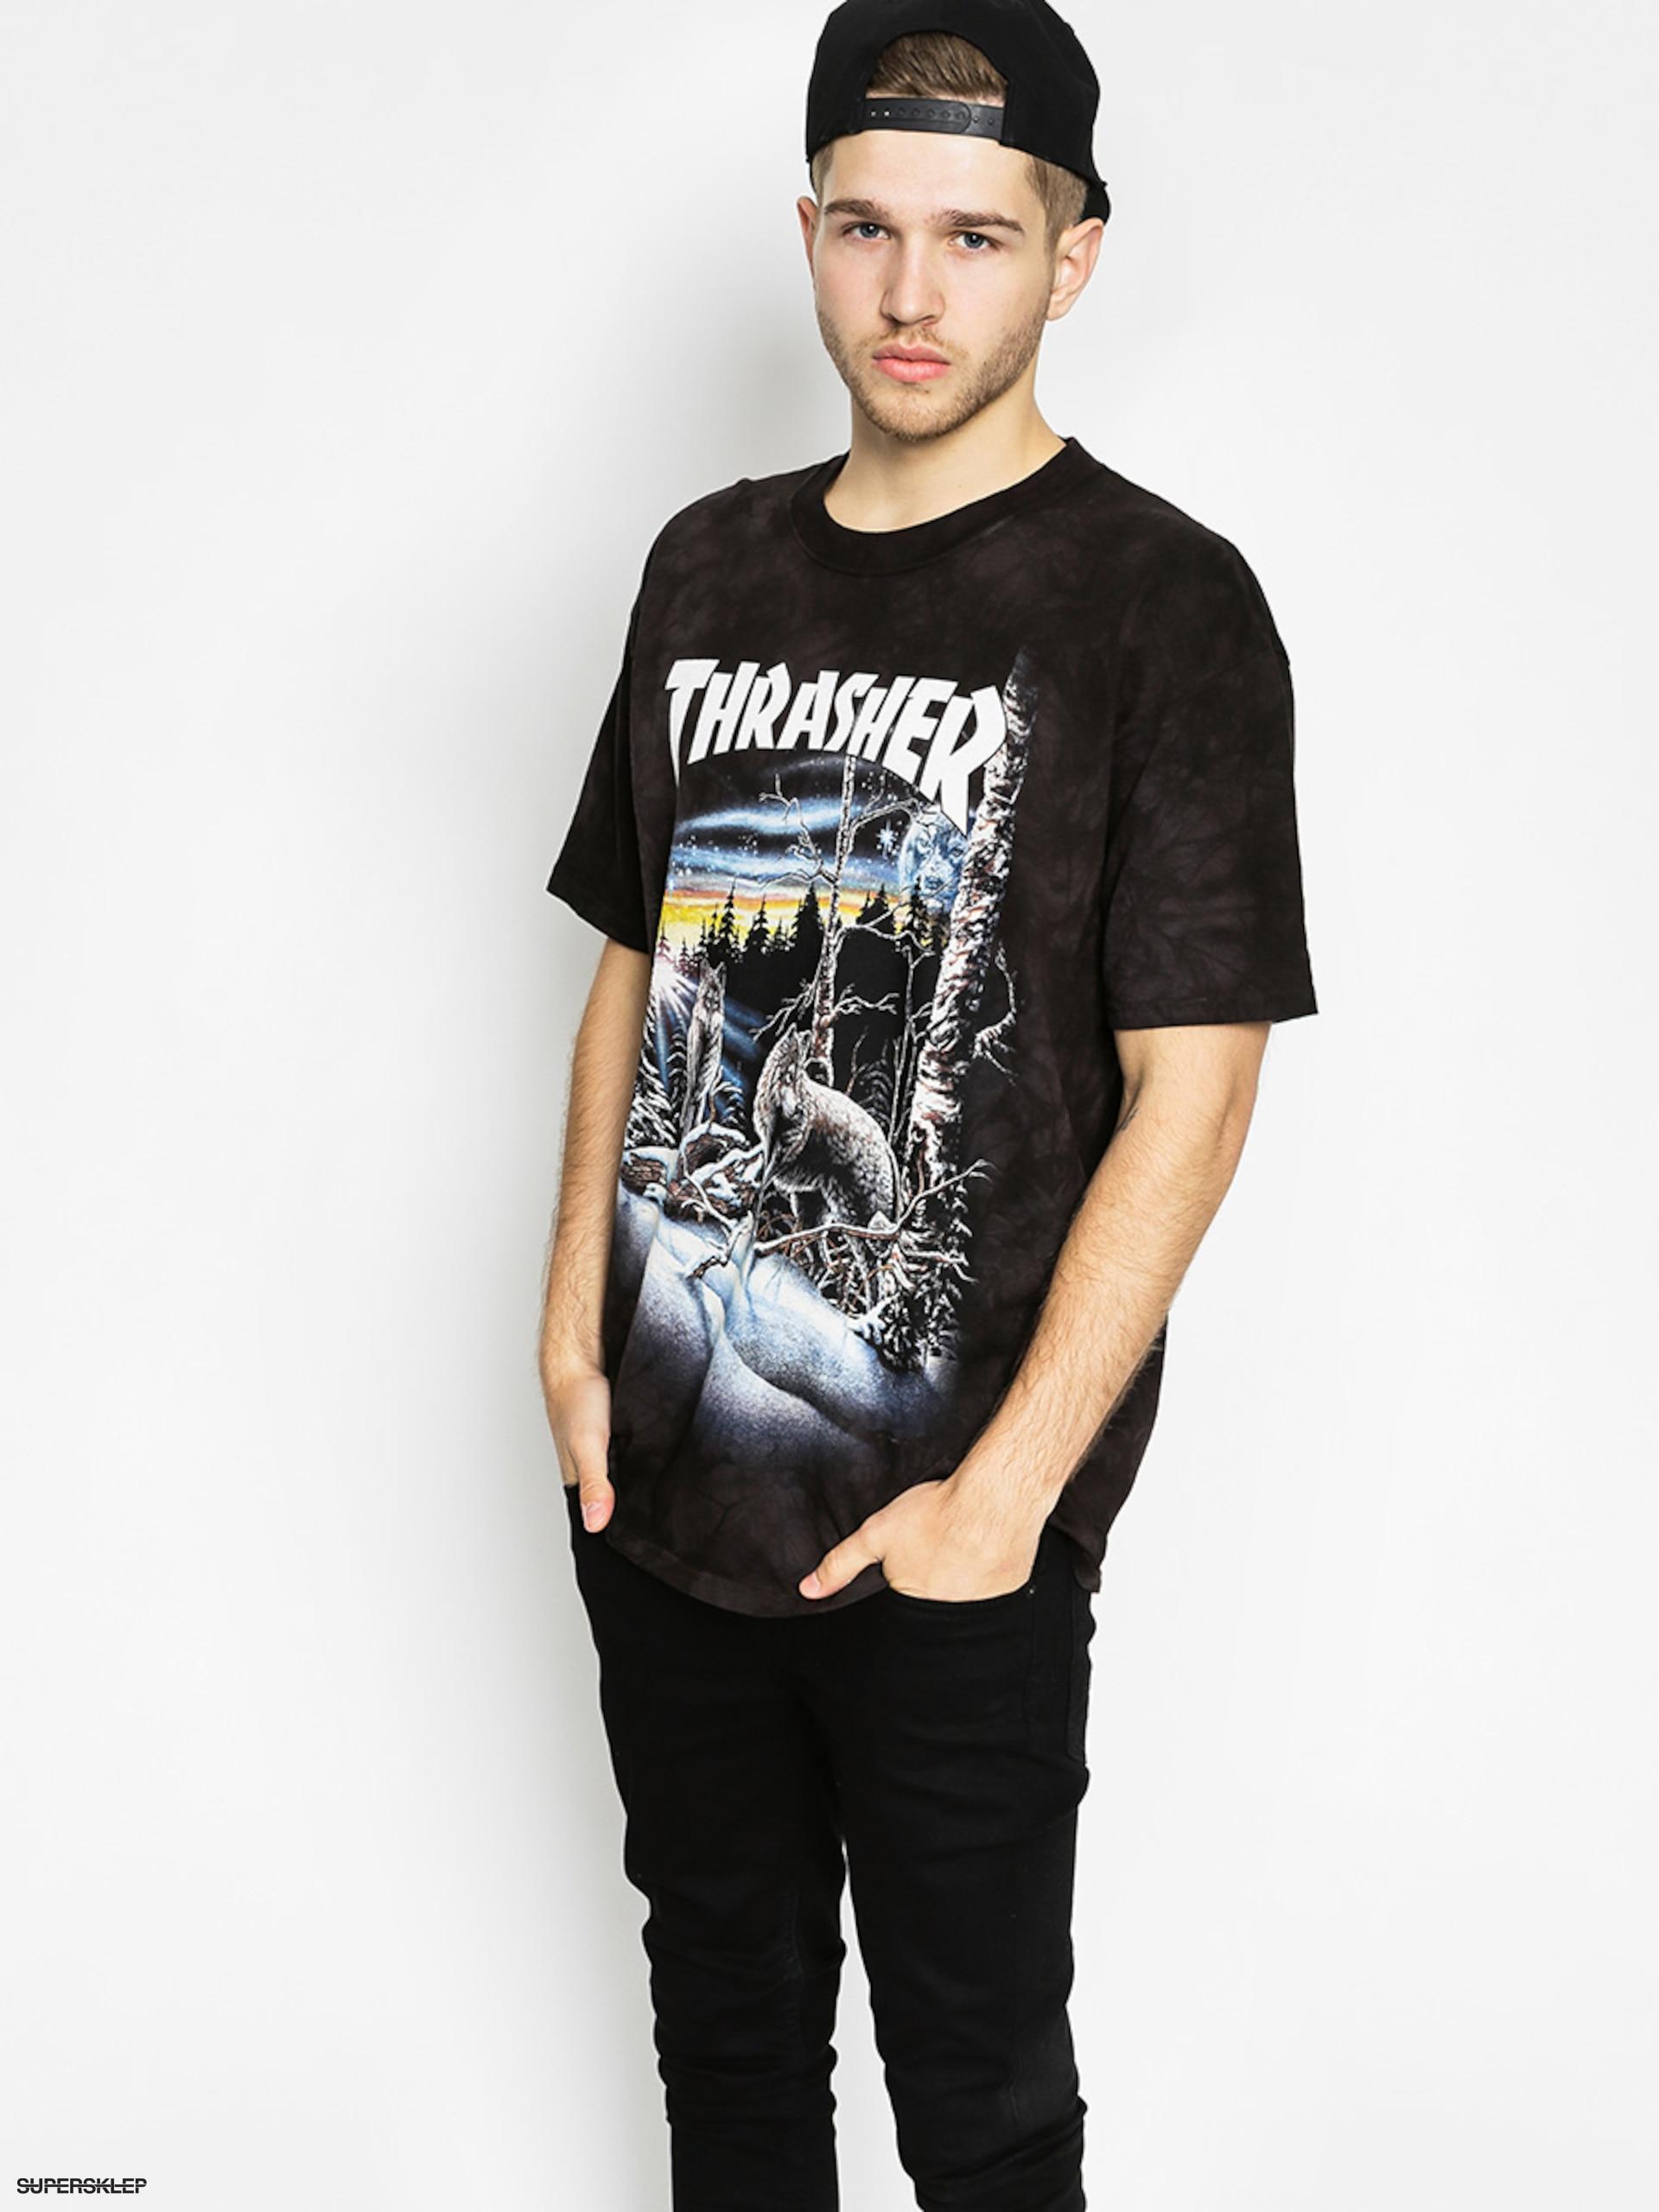 T-shirt Thrasher 13 Wolves (black tie dye)